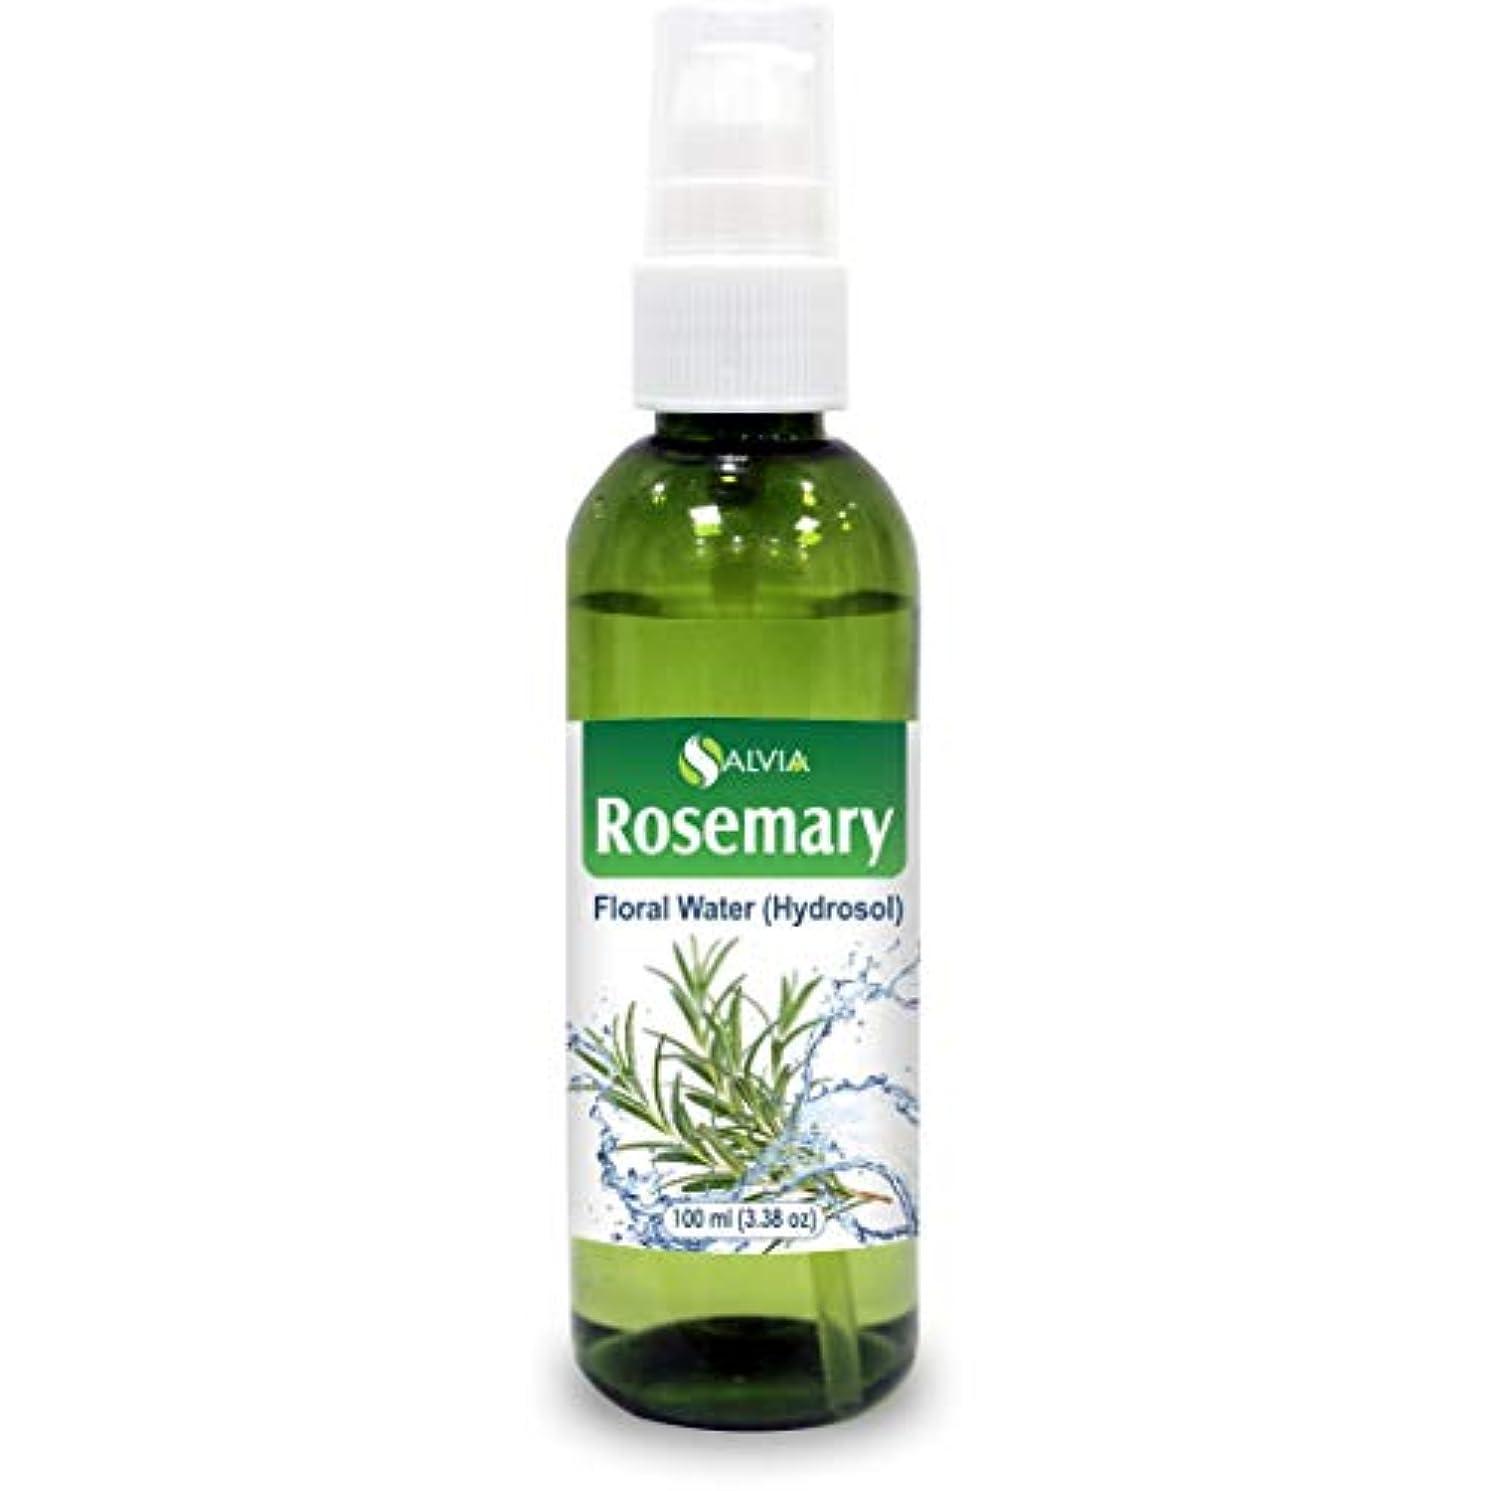 トマトずんぐりした連想Rosemary Floral Water 100ml (Hydrosol) 100% Pure And Natural